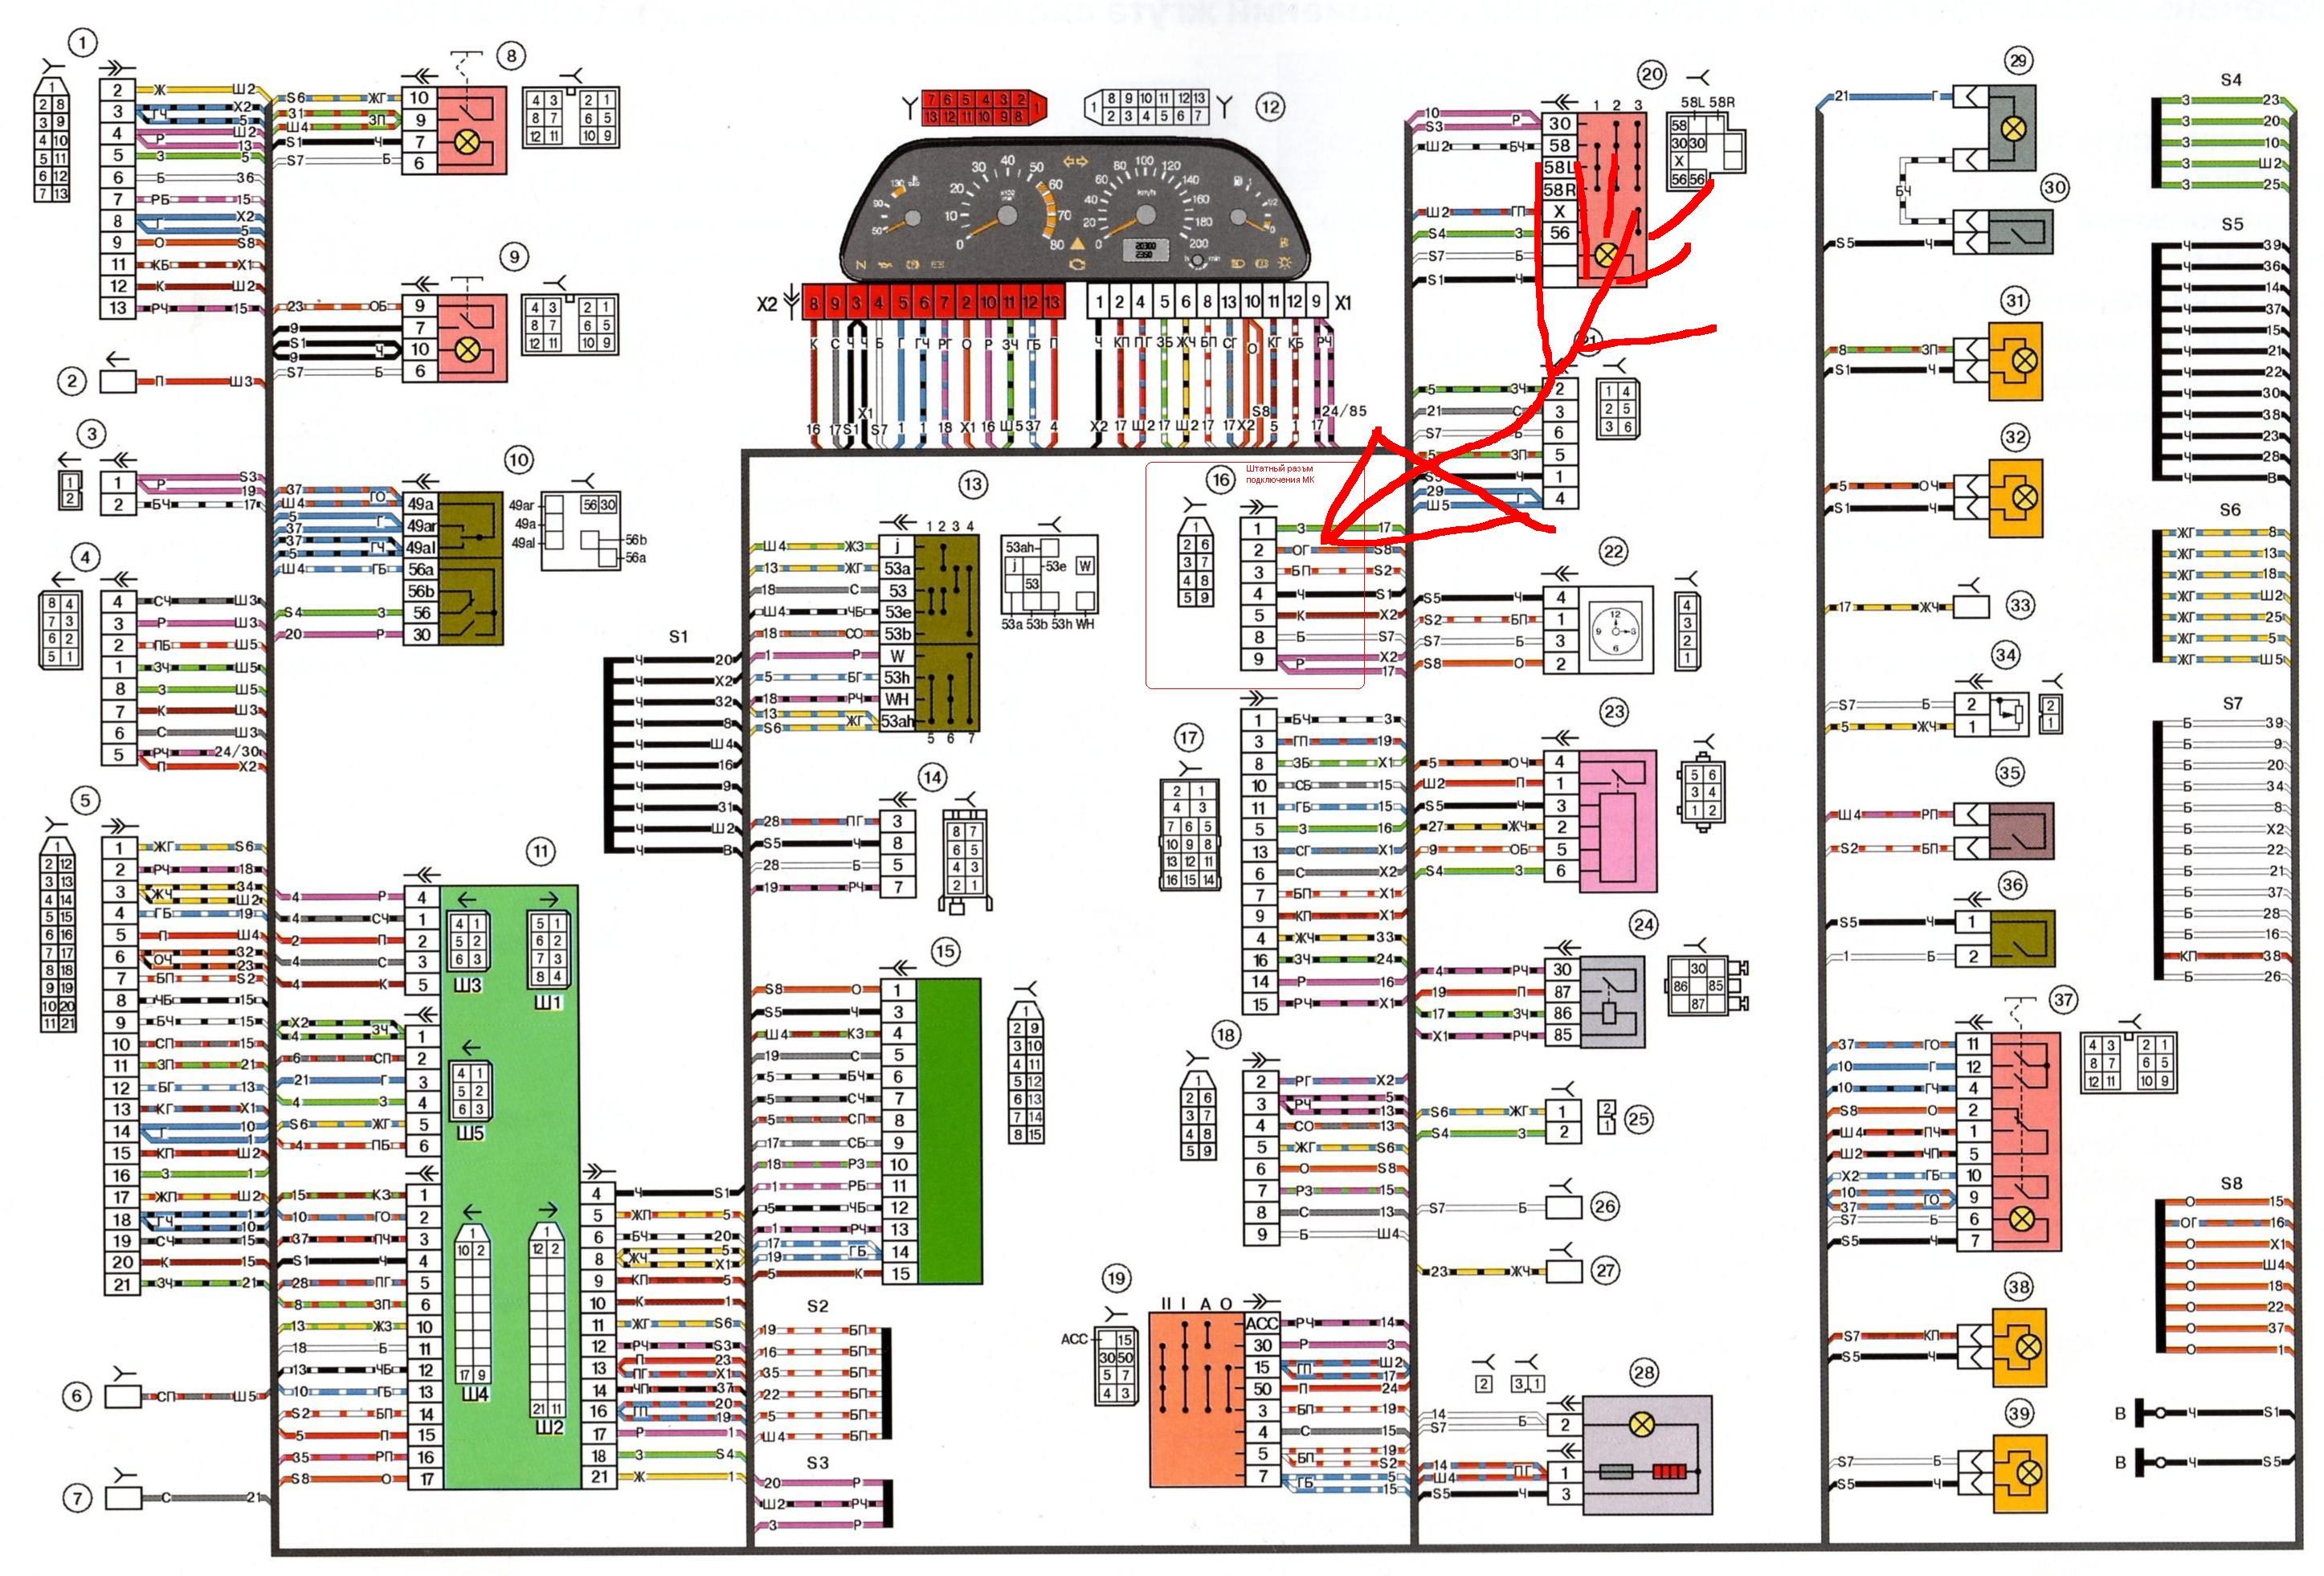 схема подключения бортового компьютера бк-09